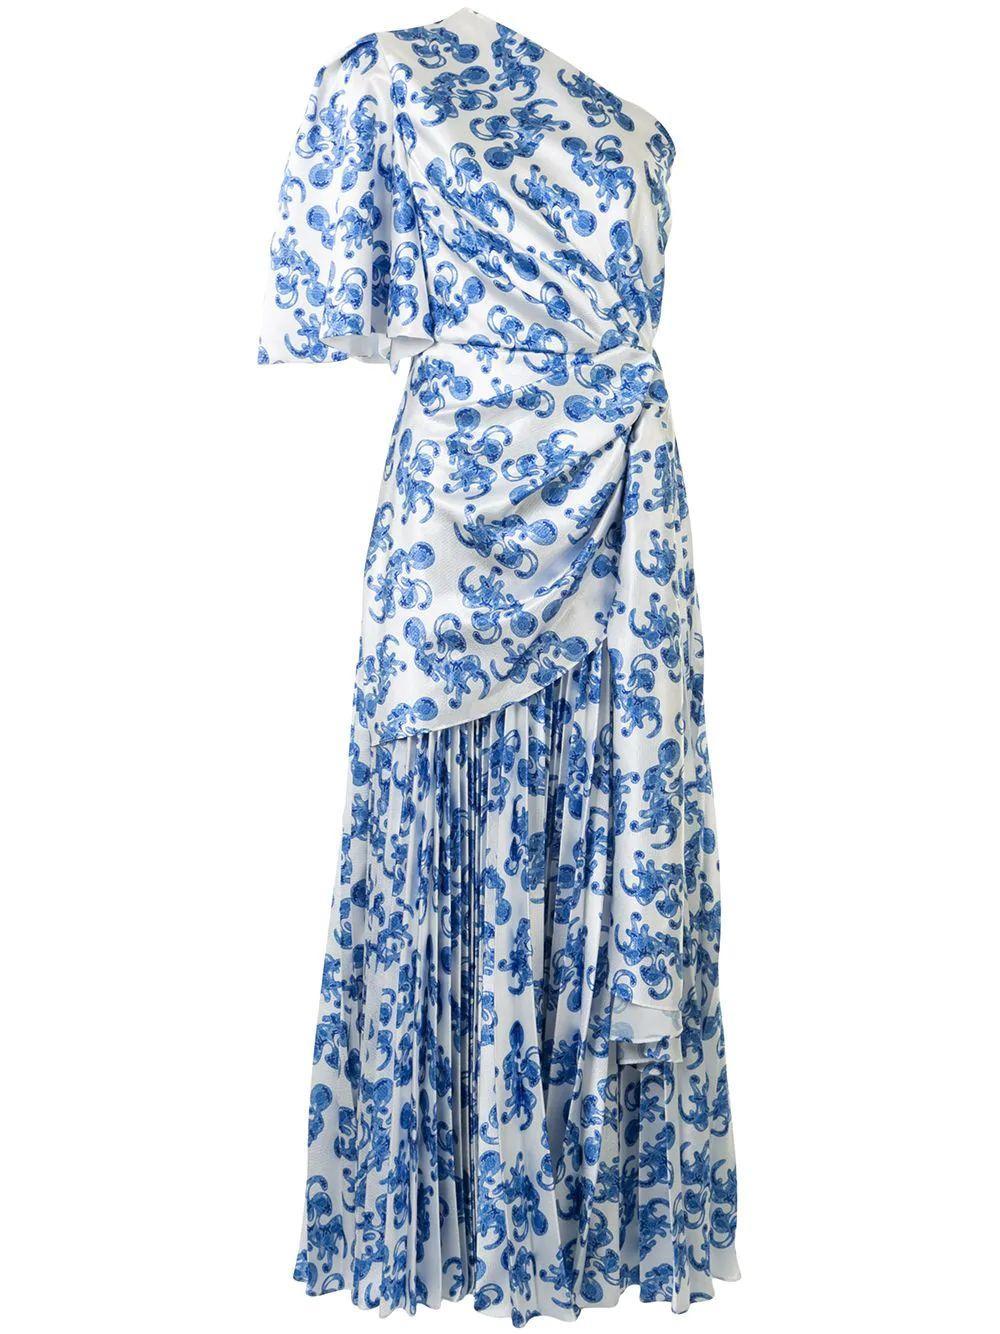 Blake Printed Dress